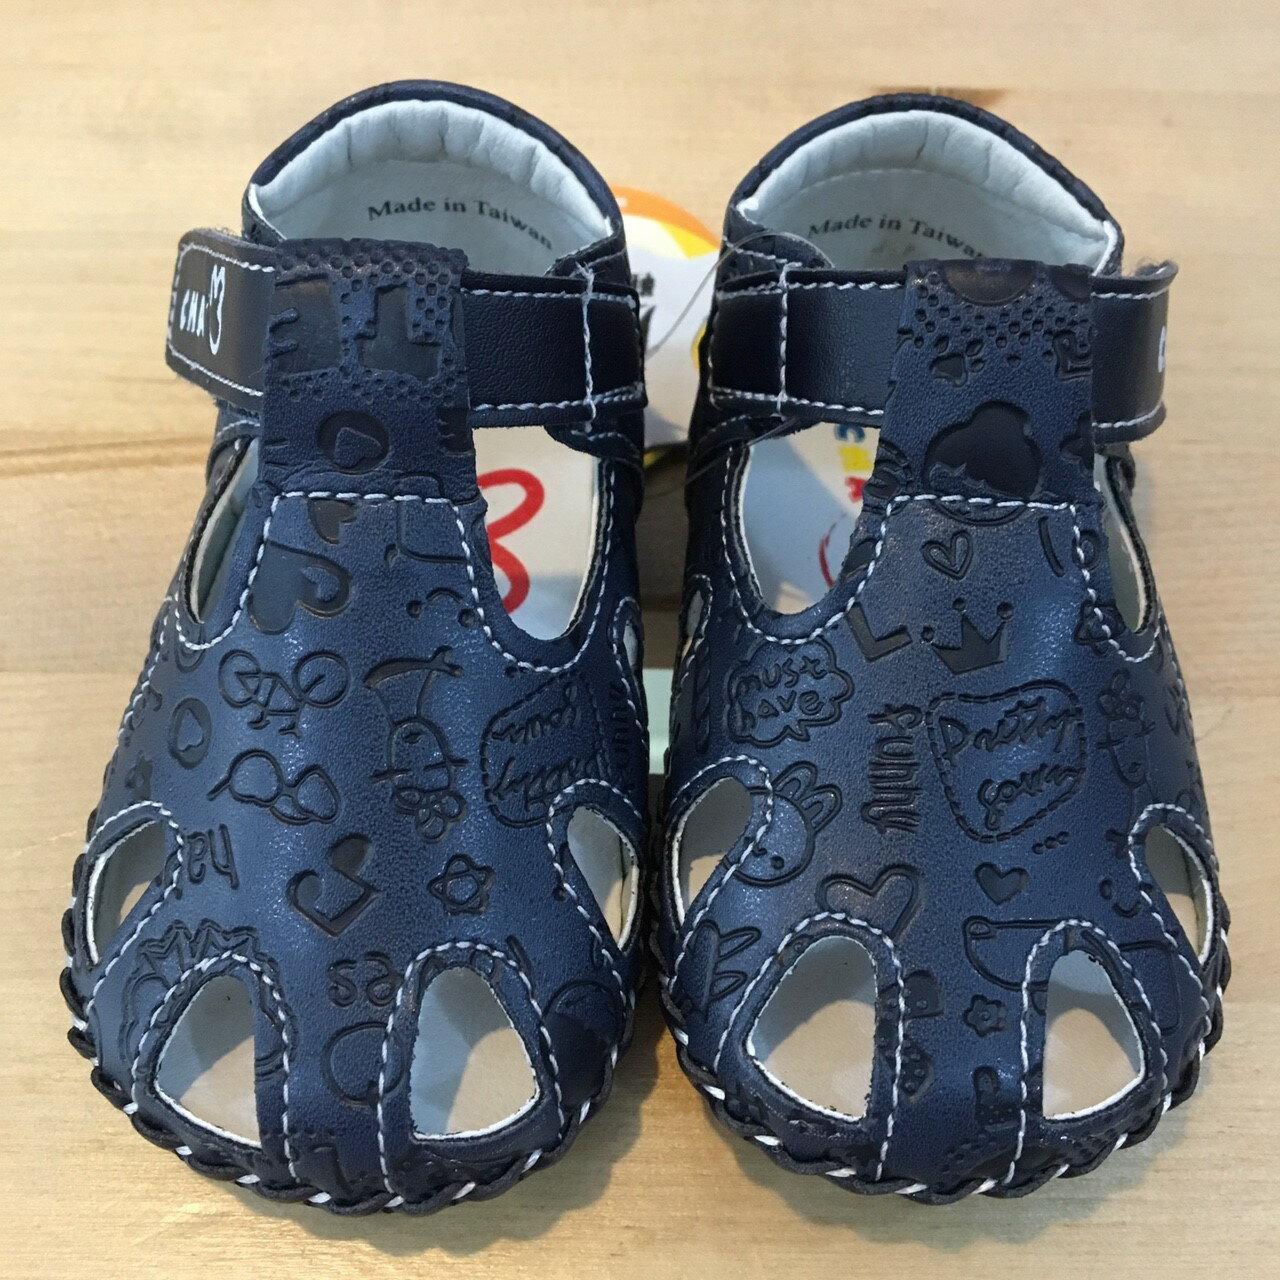 【禾宜精品】五折學步鞋 壓紋 真皮鞋墊 天鵝 CHA CHA TWO 涼鞋 手工鞋 寶寶 台灣製造 童鞋